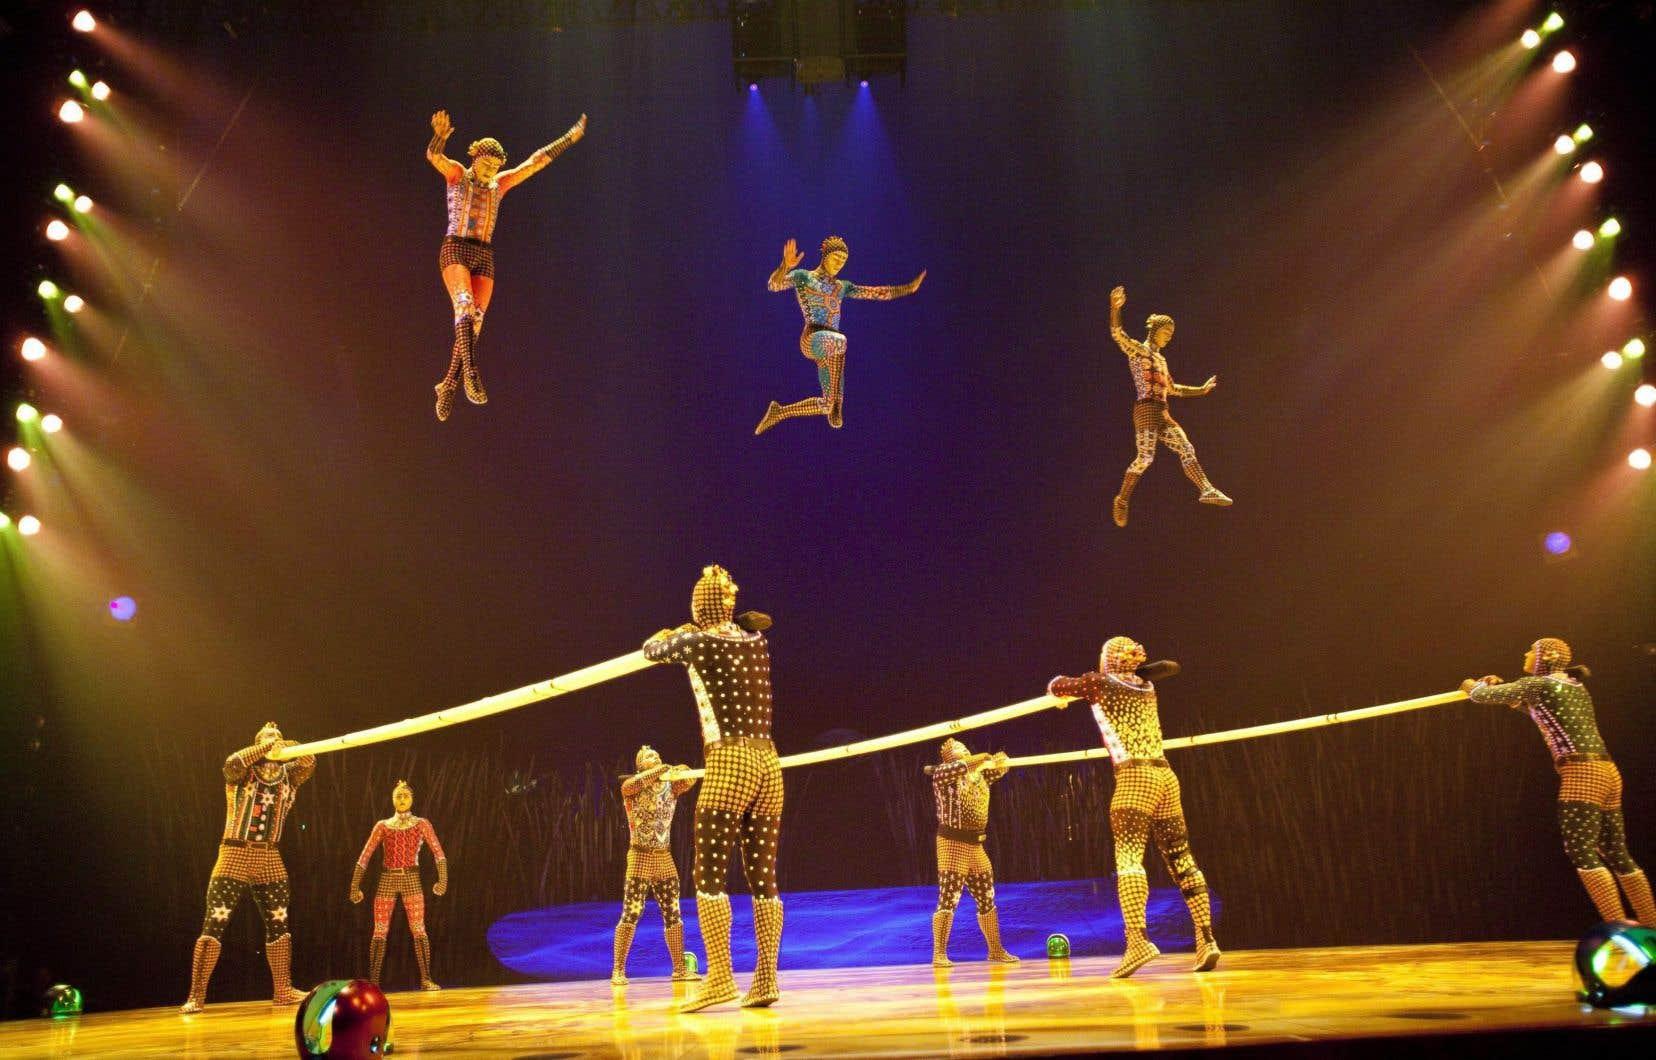 Traînant une dette de plus de 900millions de dollarsUS, le Cirque a été forcé de licencier 4679 employés, soit 95% de son effectif, le 19mars dernier.